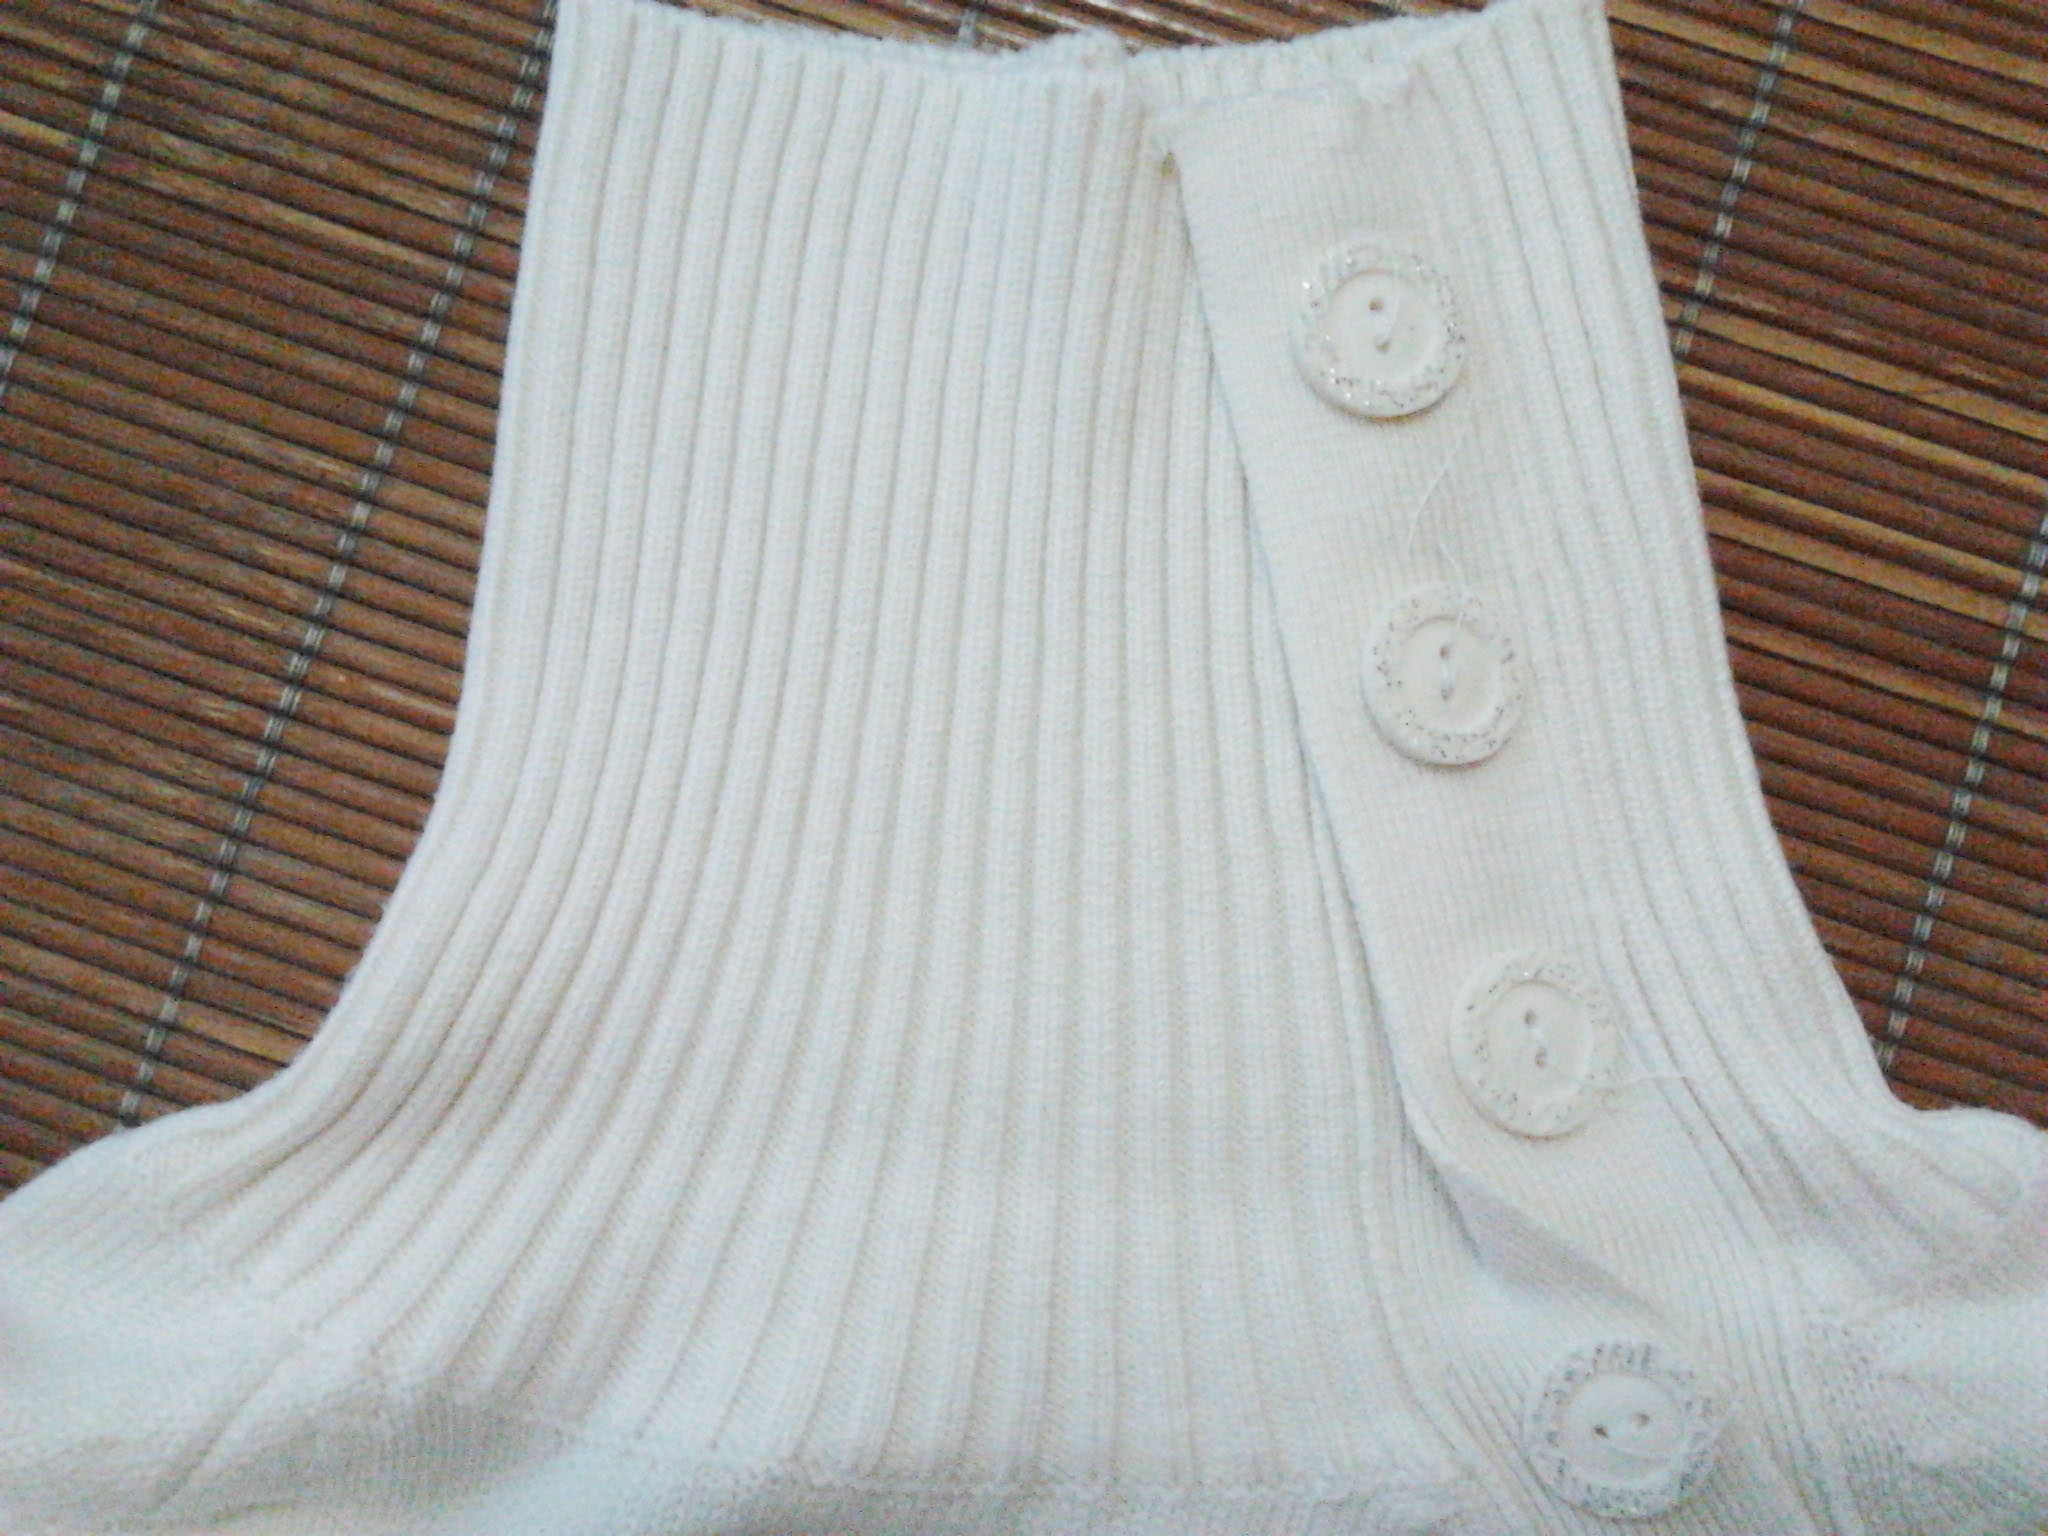 Трикотаж Чистый белый базовый водолазка, выбрать 3 Осень 2012 С блестками, Пуговицы, Объемный рисунок Классический рукав Воротник-поло